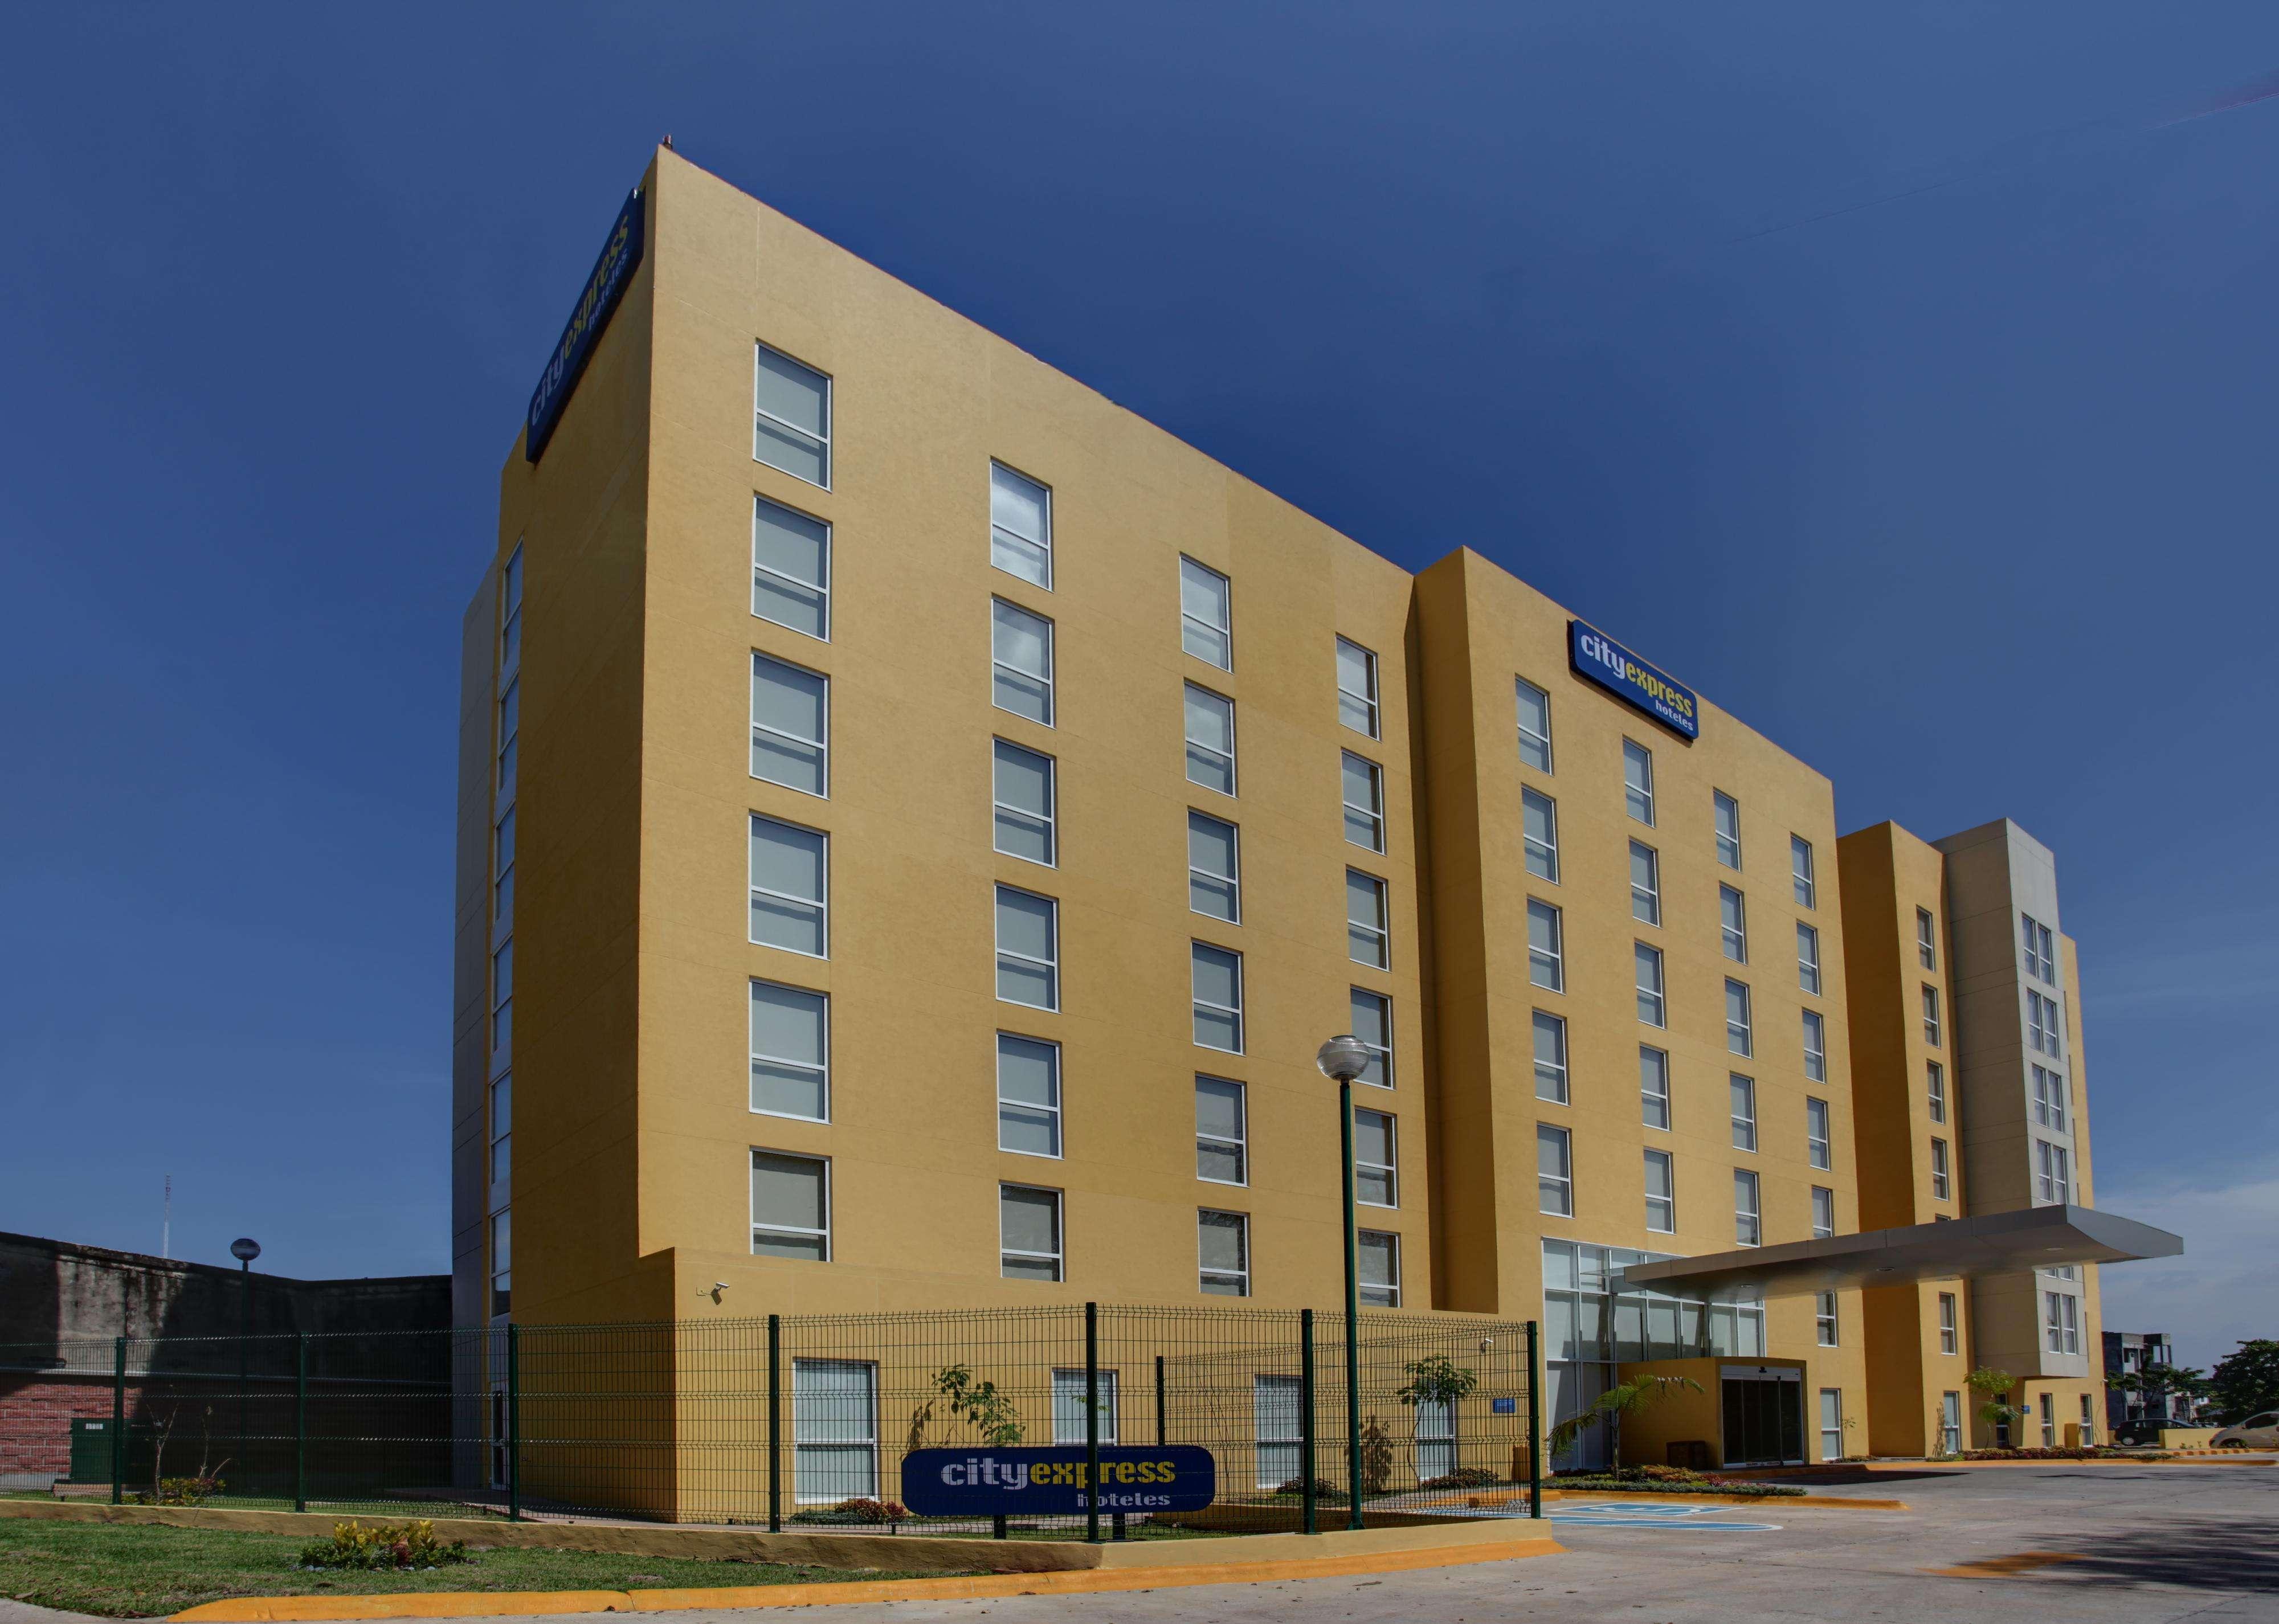 Hoteles City se especializa en ofrecer alojamiento orientado a los viajeros de negocios de origen nacional principalmente. Foto: Hoteles City Express